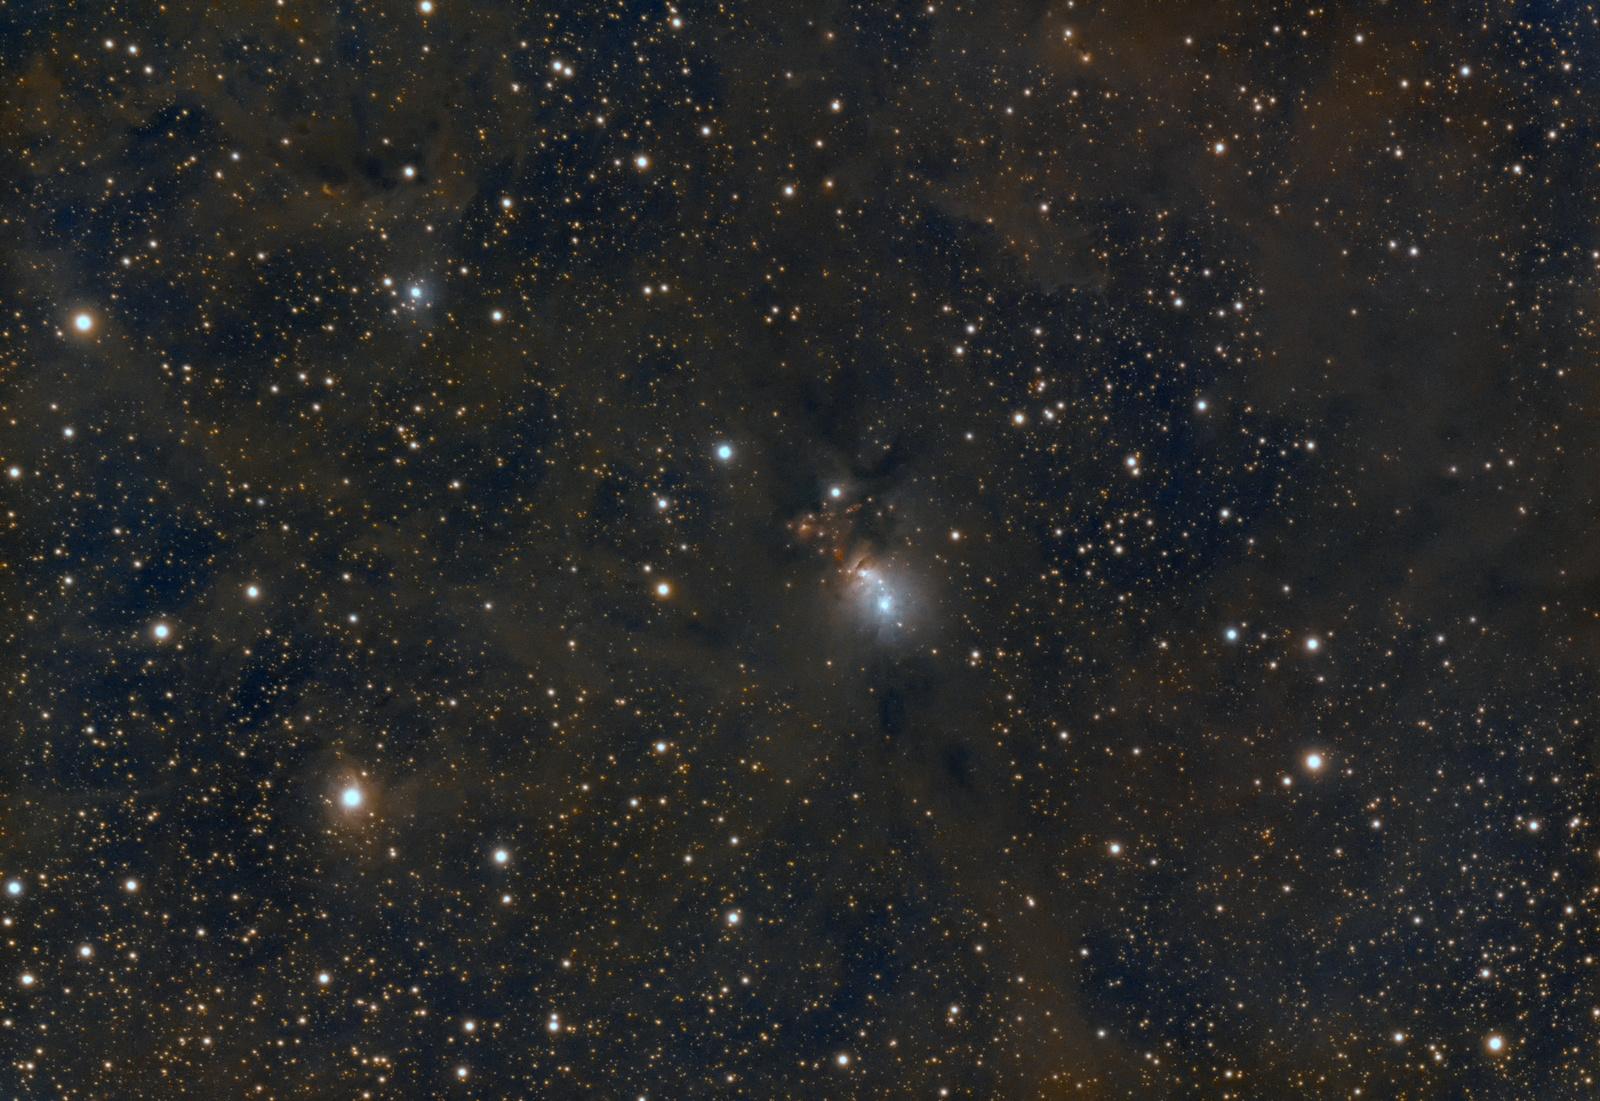 NGC1333.thumb.jpg.70404dd055ab18ebacf02dafbc09ea47.jpg